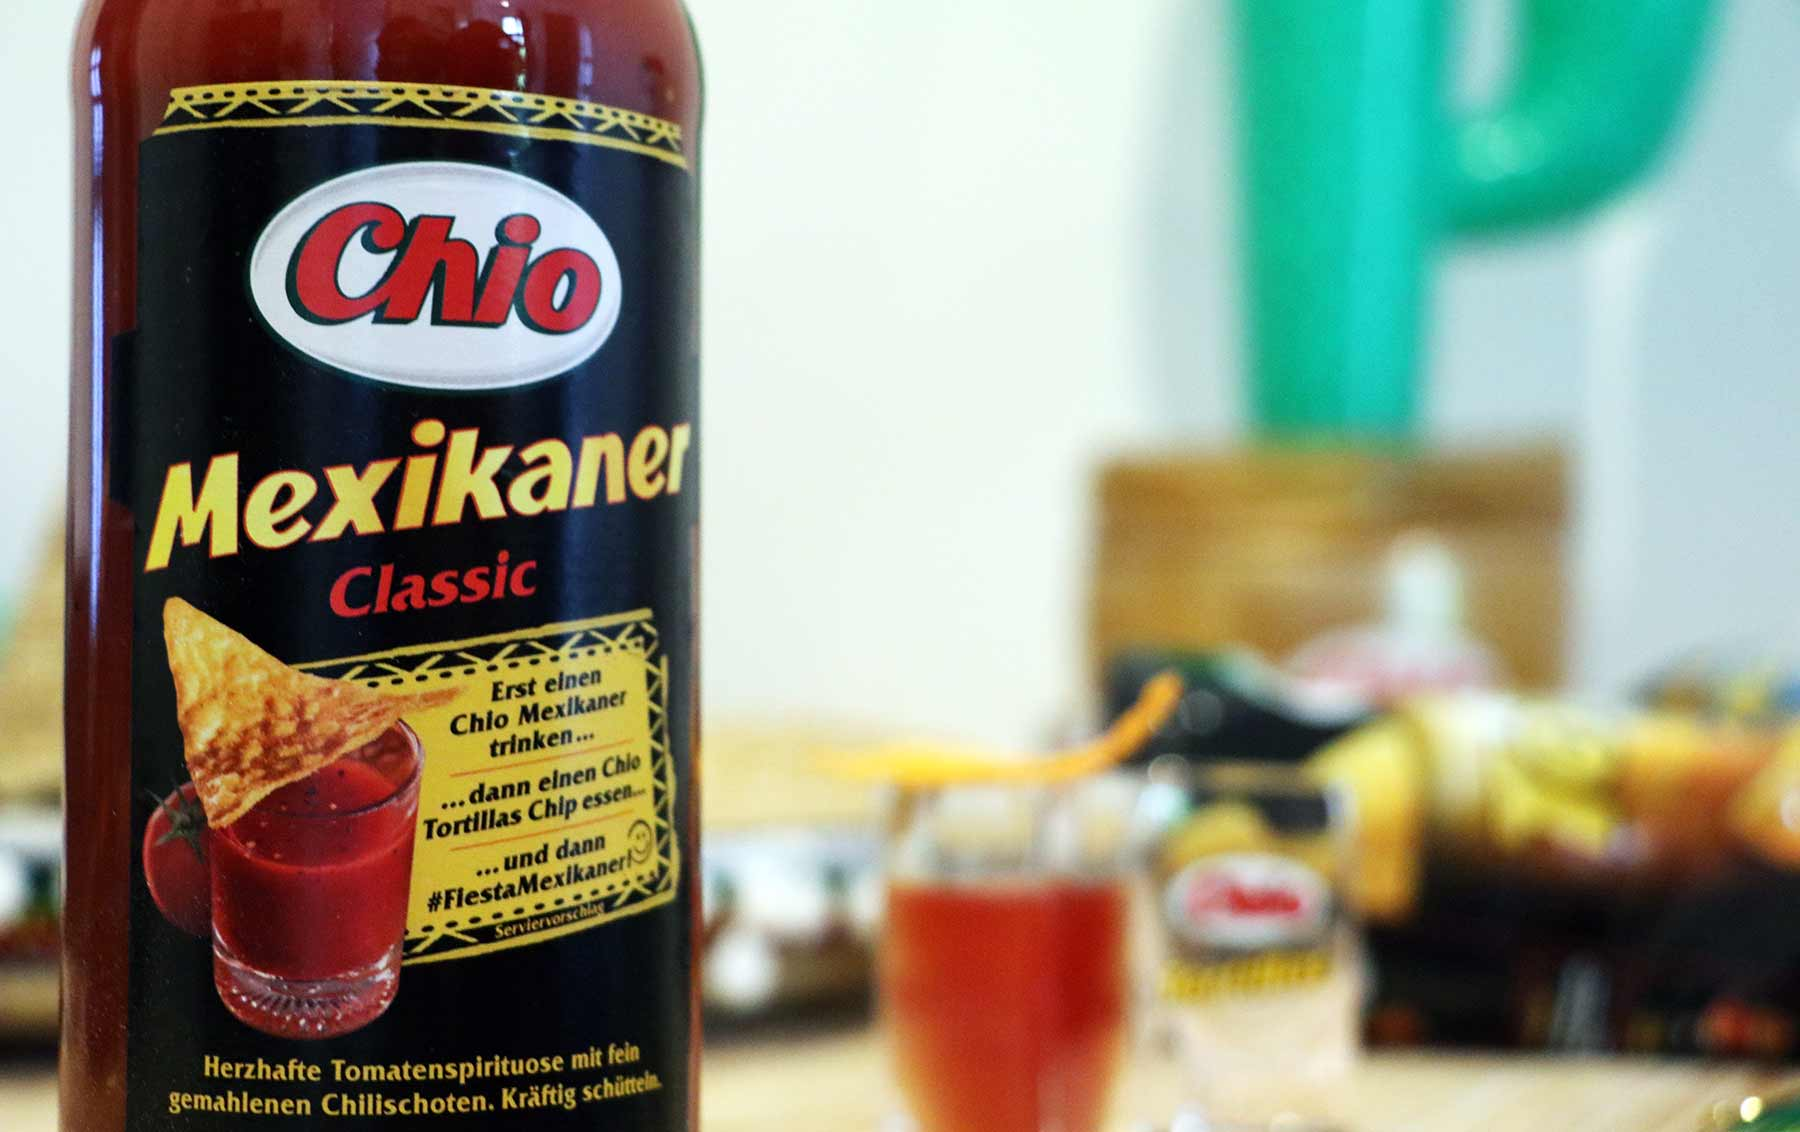 10 exklusive #FiestaMexikaner Party Packs von Chio zu gewinnen! Chio-Chips-FiestaMexikaner_02